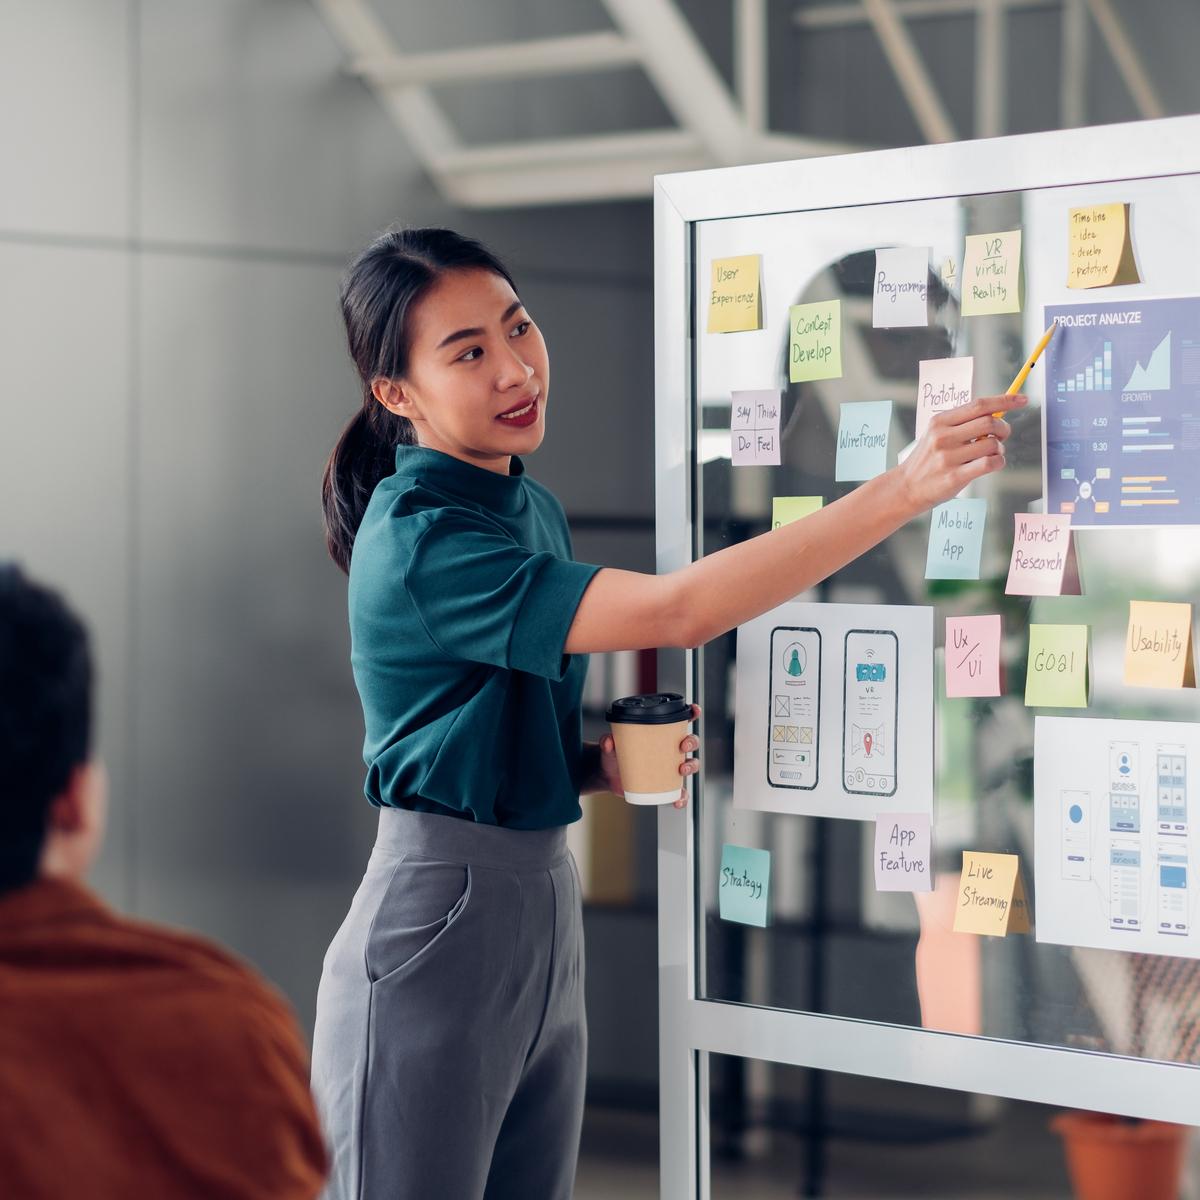 Een digitaletransformatiestrategie ontwikkelen? Gebruik het flywheel model van Hubspot